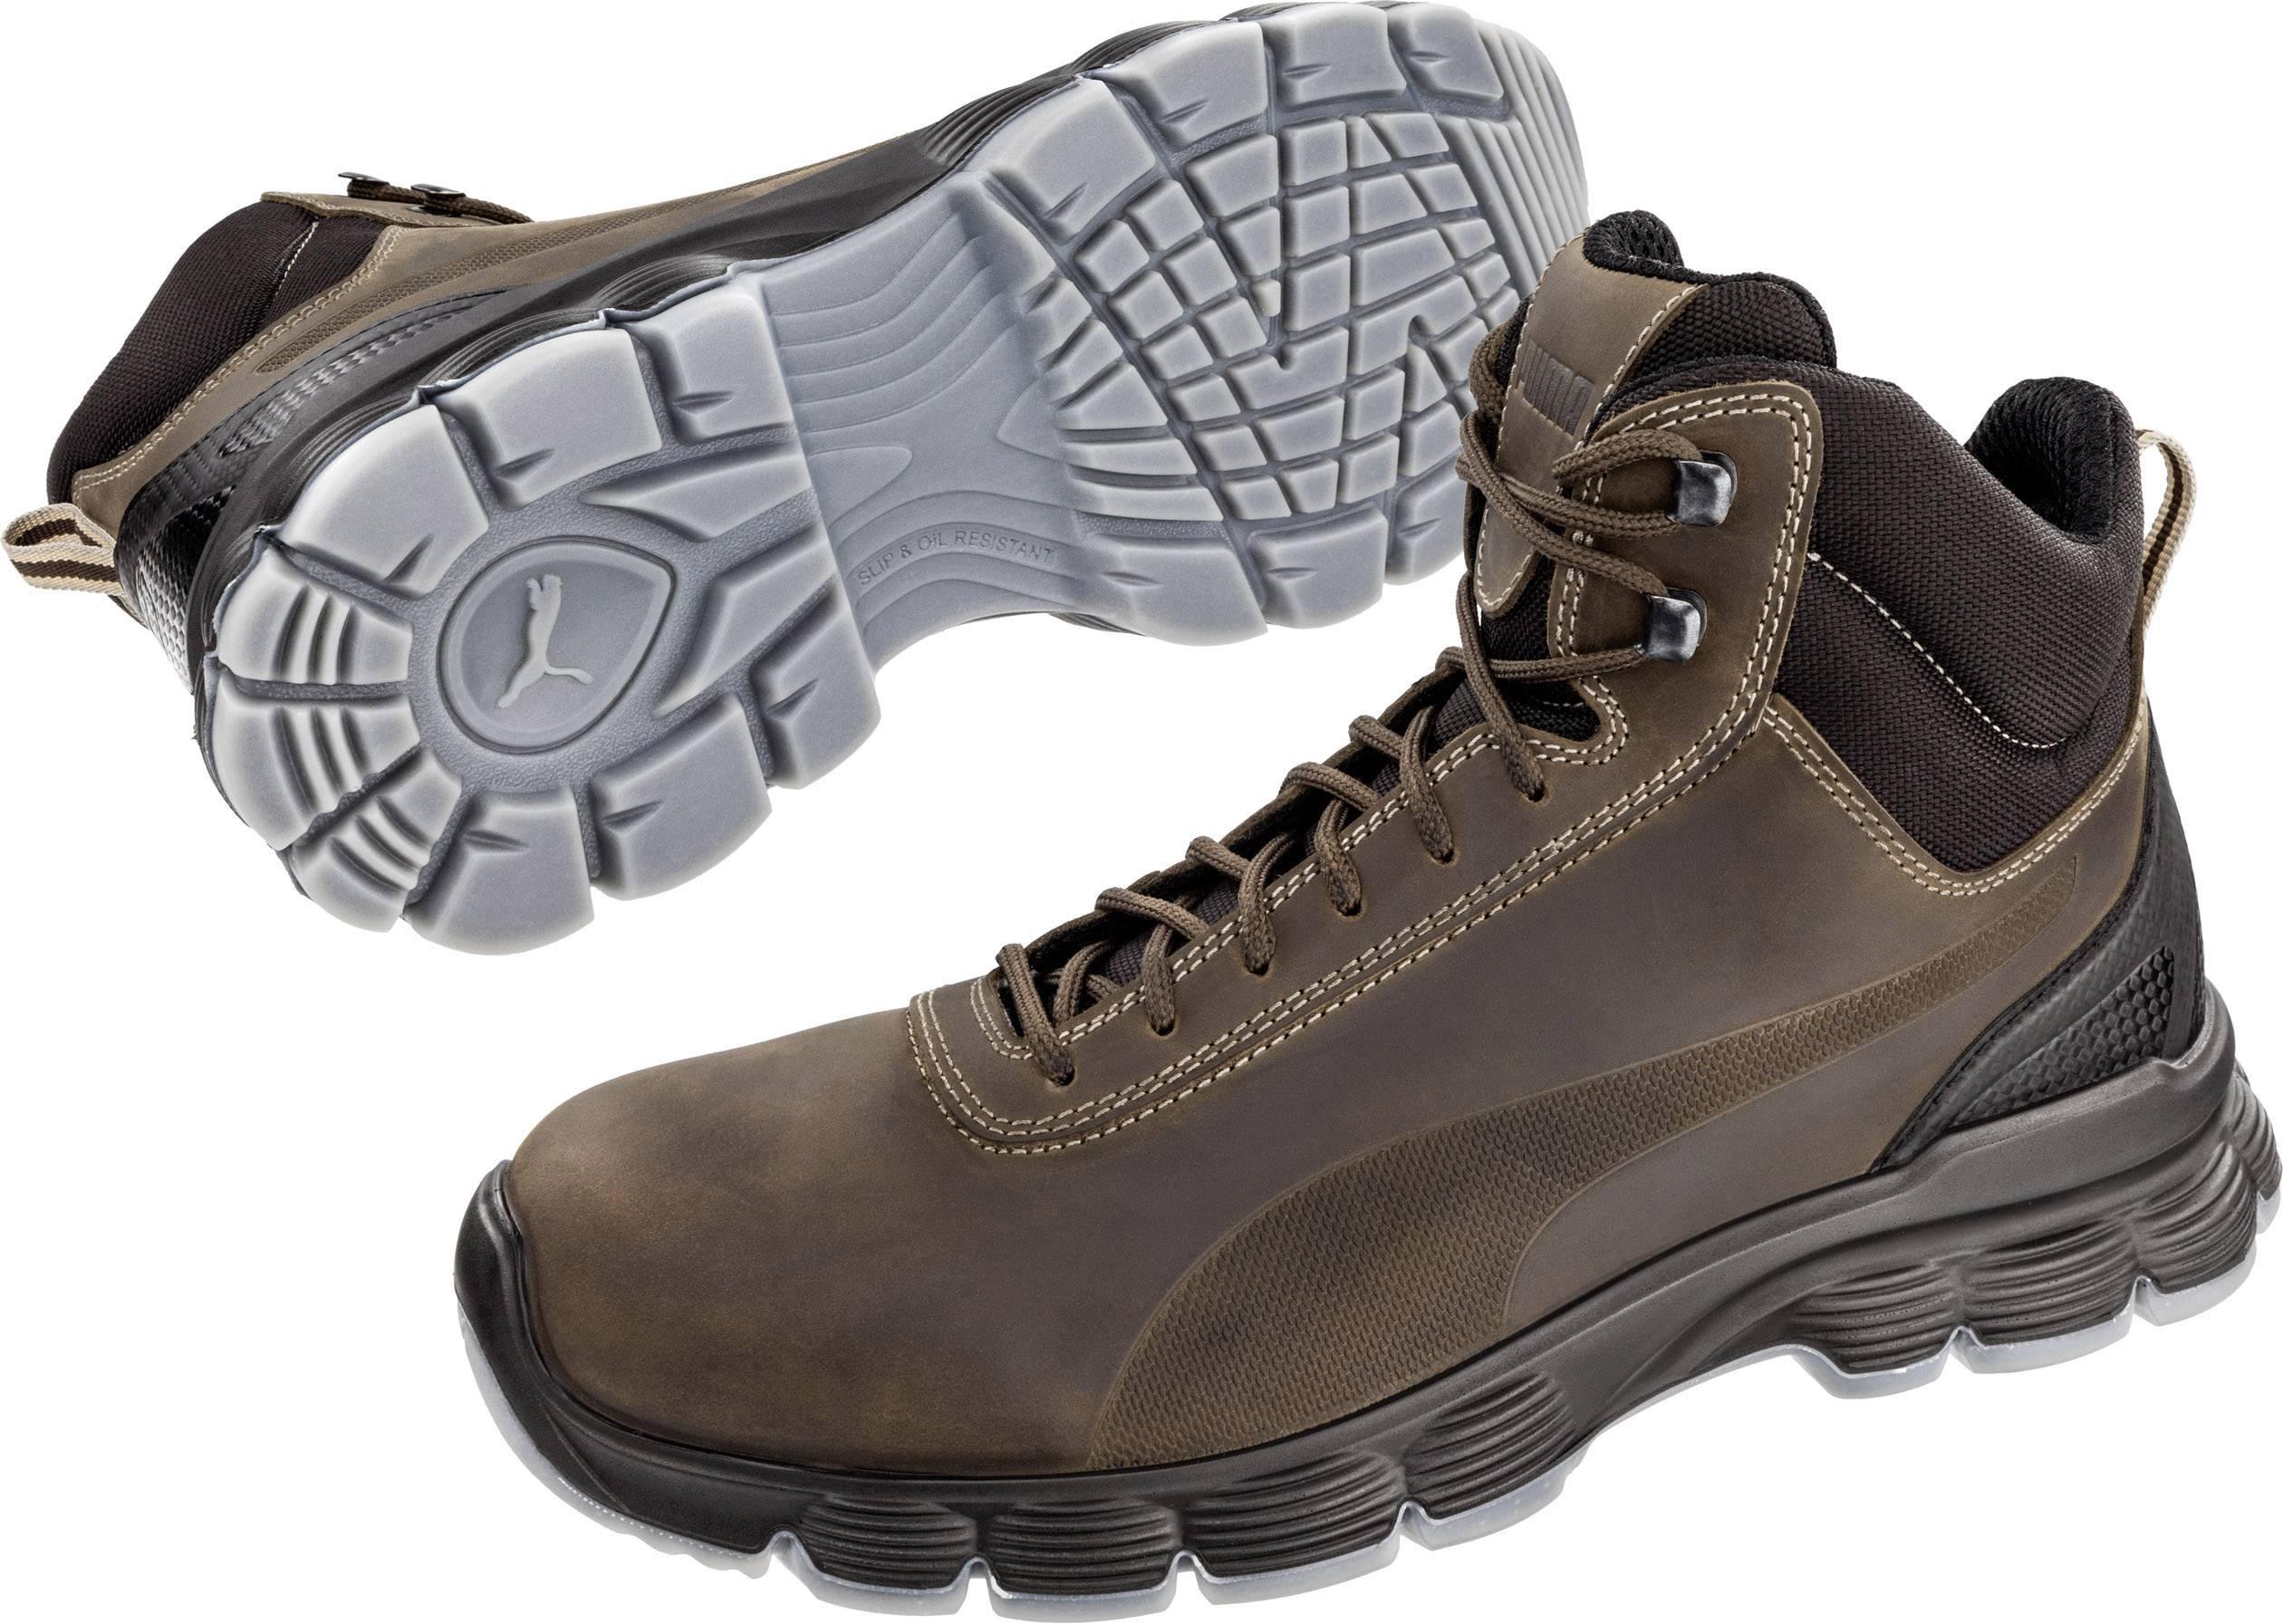 PUMA Safety Condor Mid ESD SRC 630122 43 Chaussures montantes de sécurité ESD S3 Taille: 43 marron 1 paire